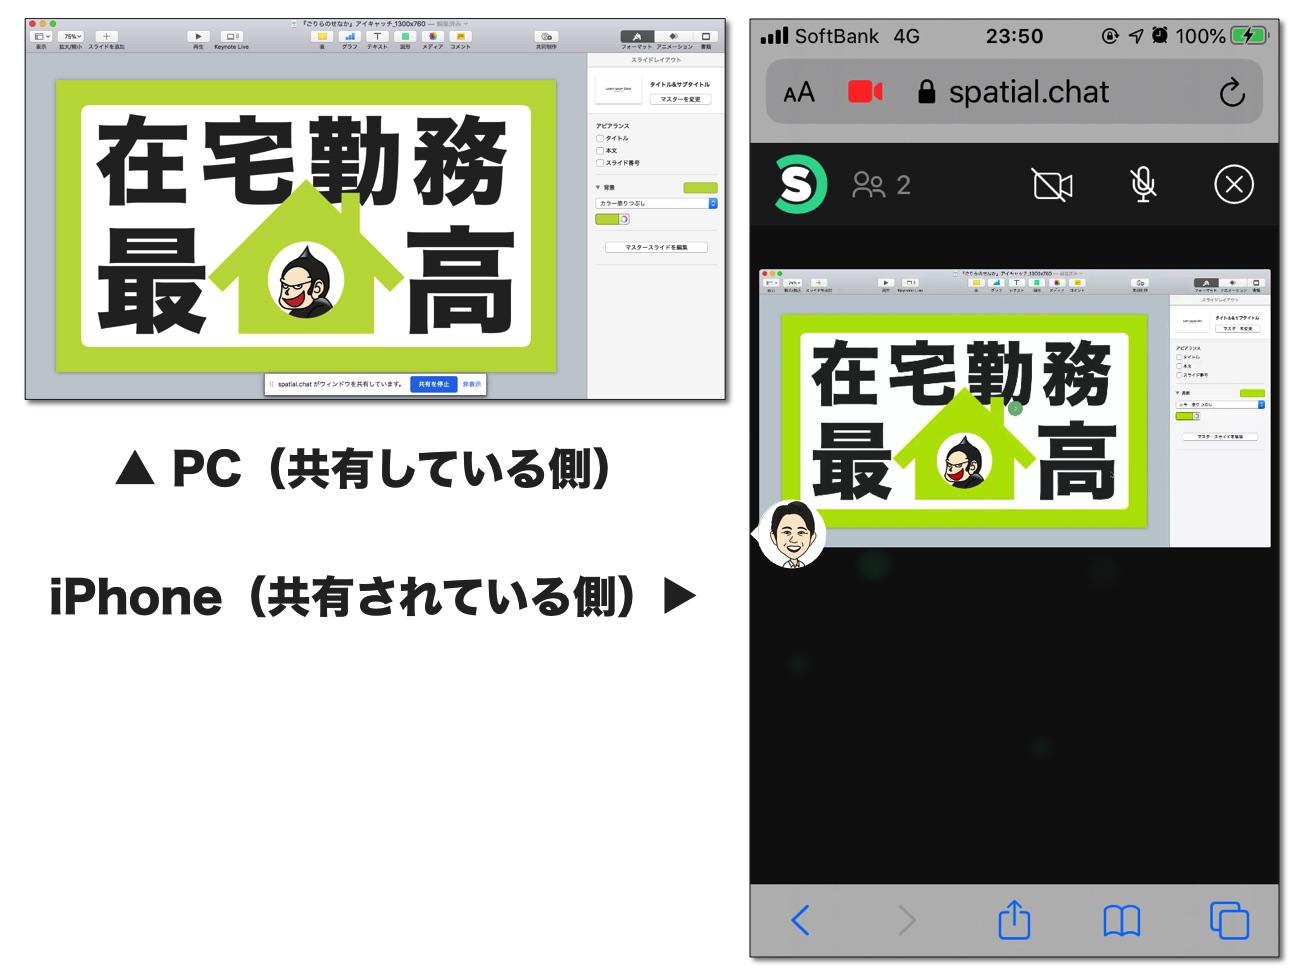 「アプリケーション ウィンドウ」を共有された側の画面